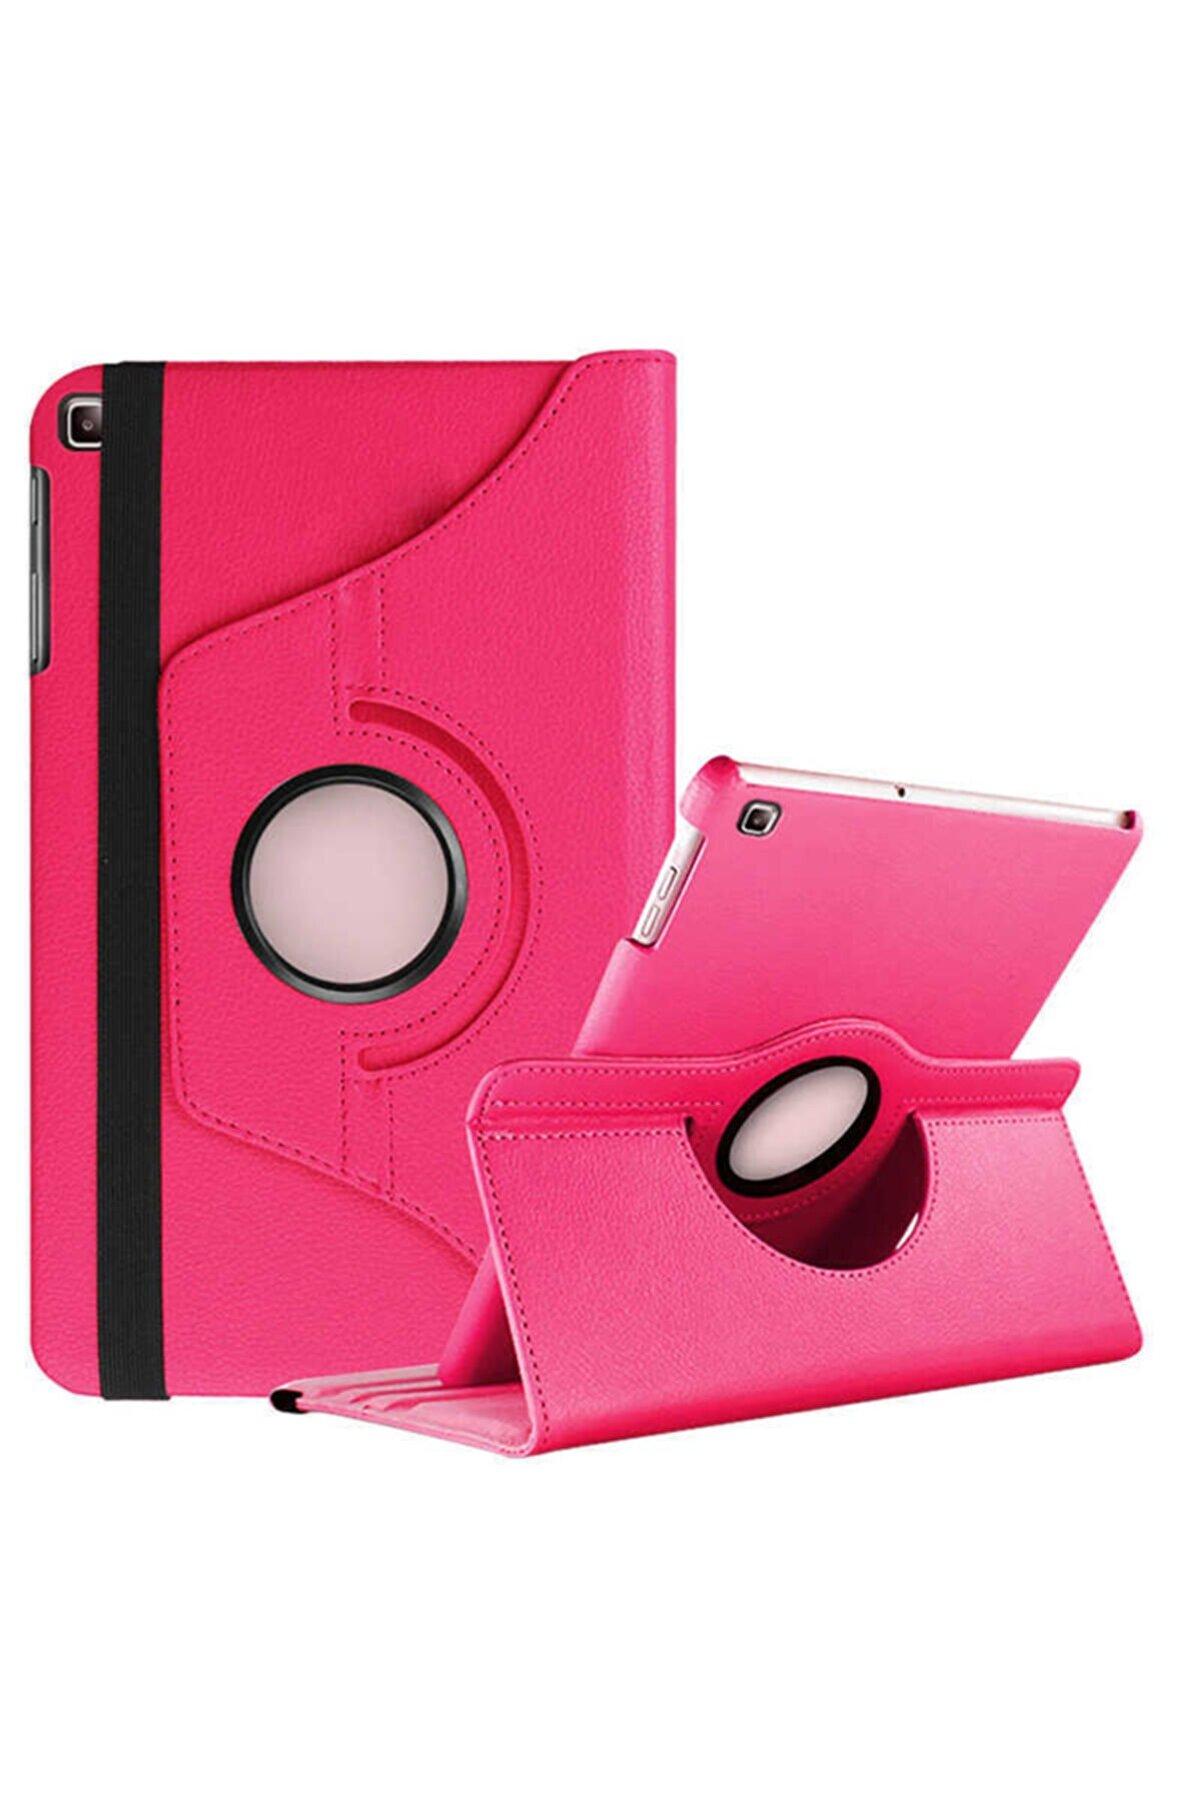 SrcTeknoloji Lenova Tab M10 Plus Uyumlu 360 Dönebilen Standlı Tablet Pembe Kılıf